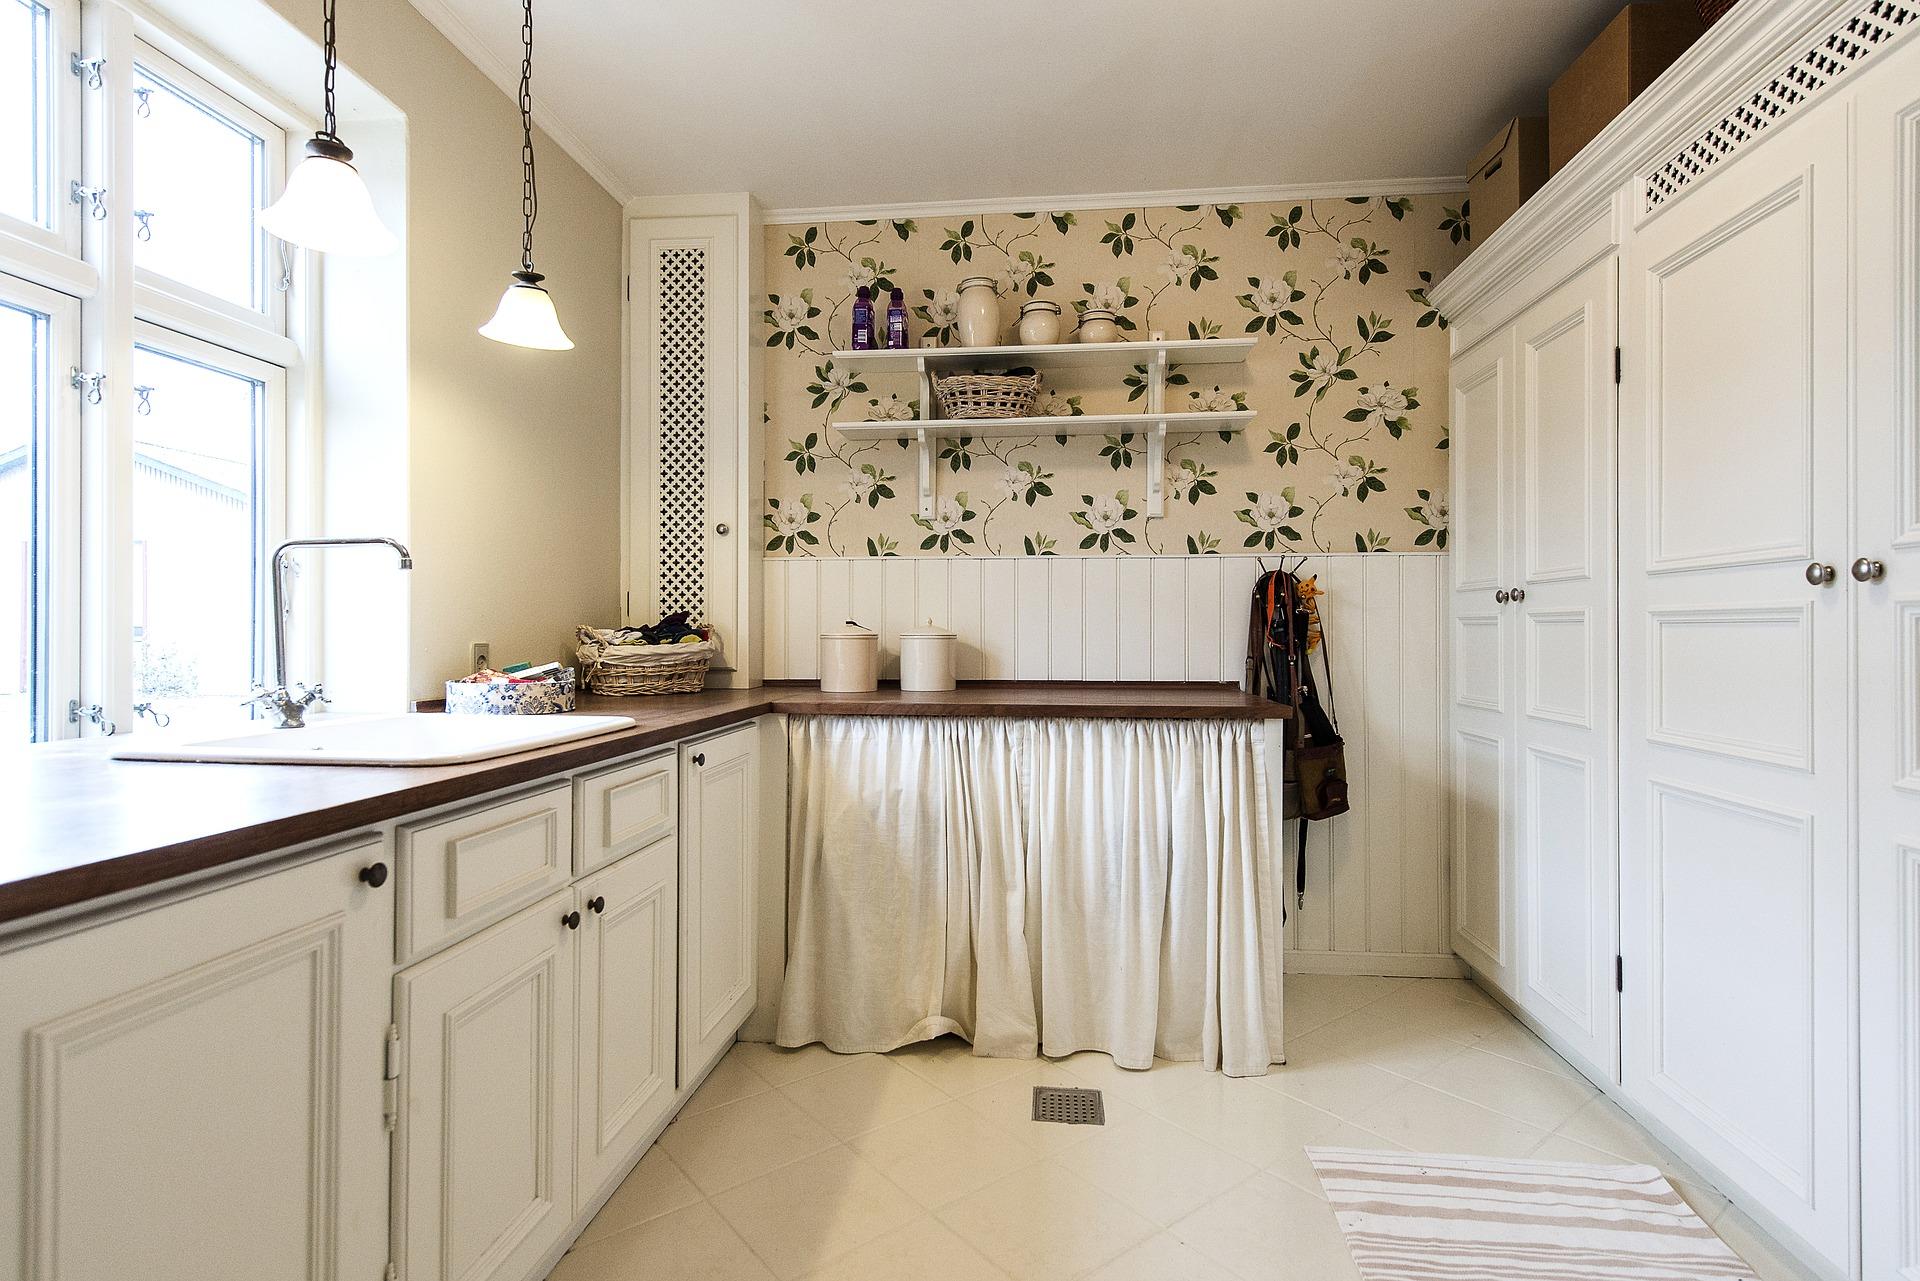 Oživte starou kuchyň pomocí drobných detailů